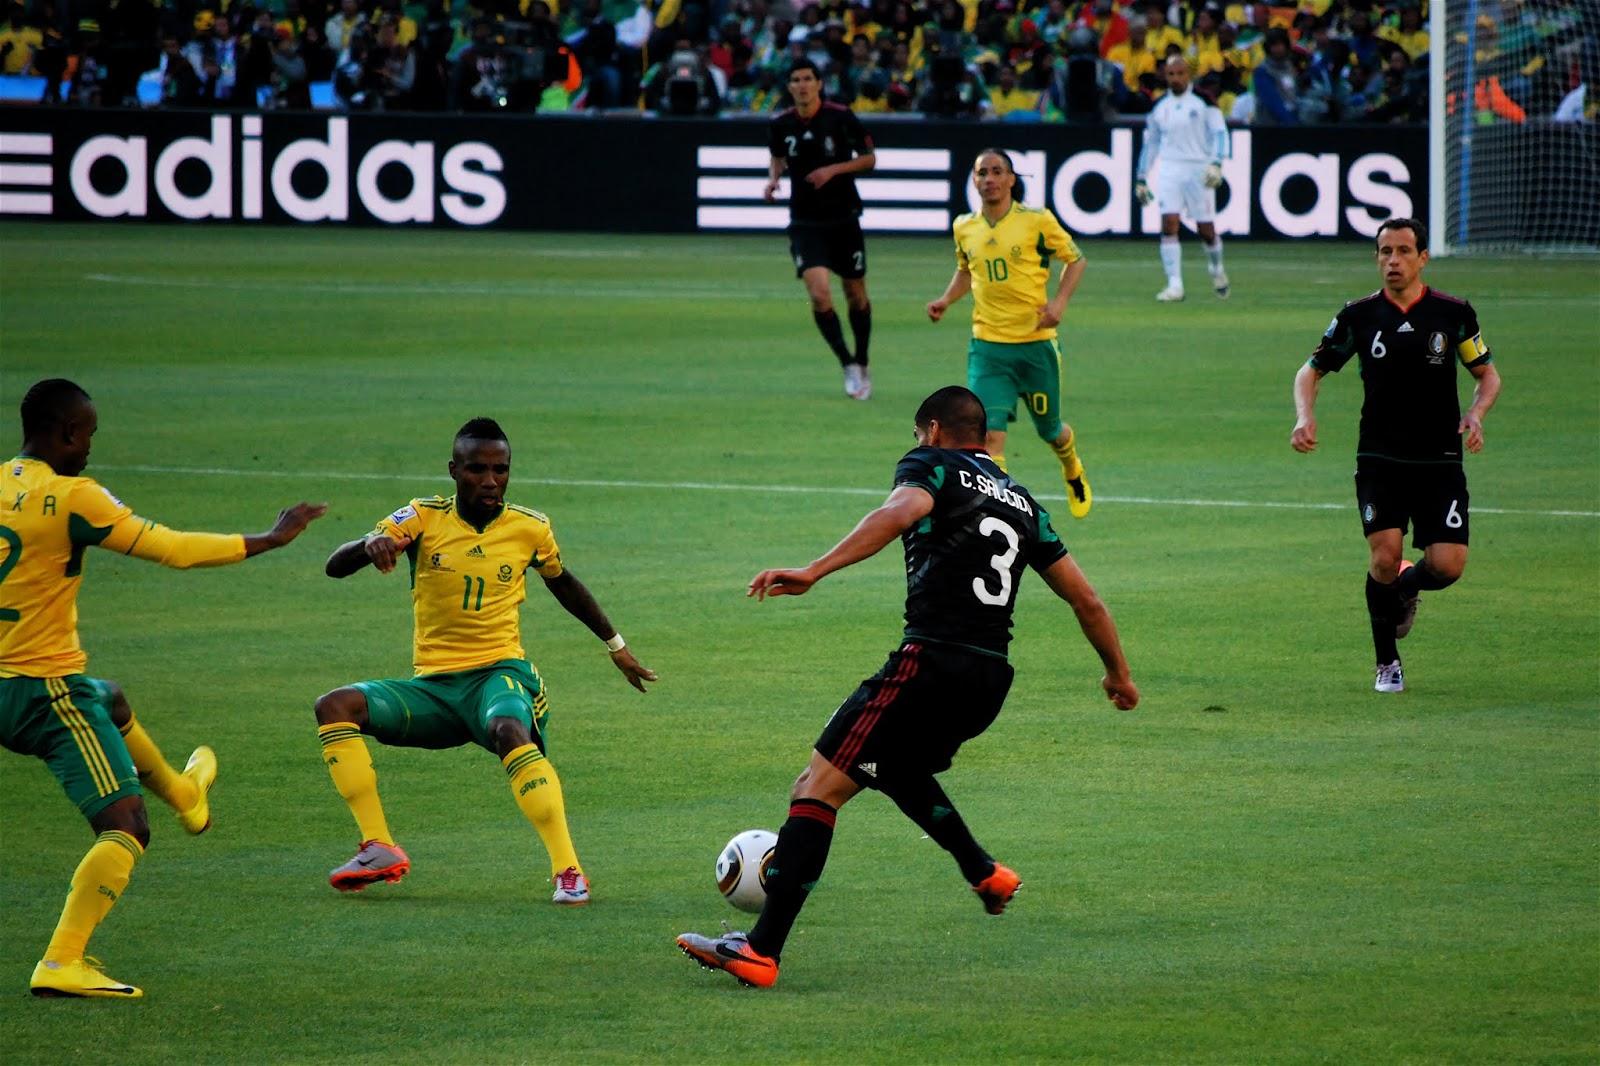 منتخب مصر ضد جنوب إفريقيا | كأس الأمم الأفريقيه 2019